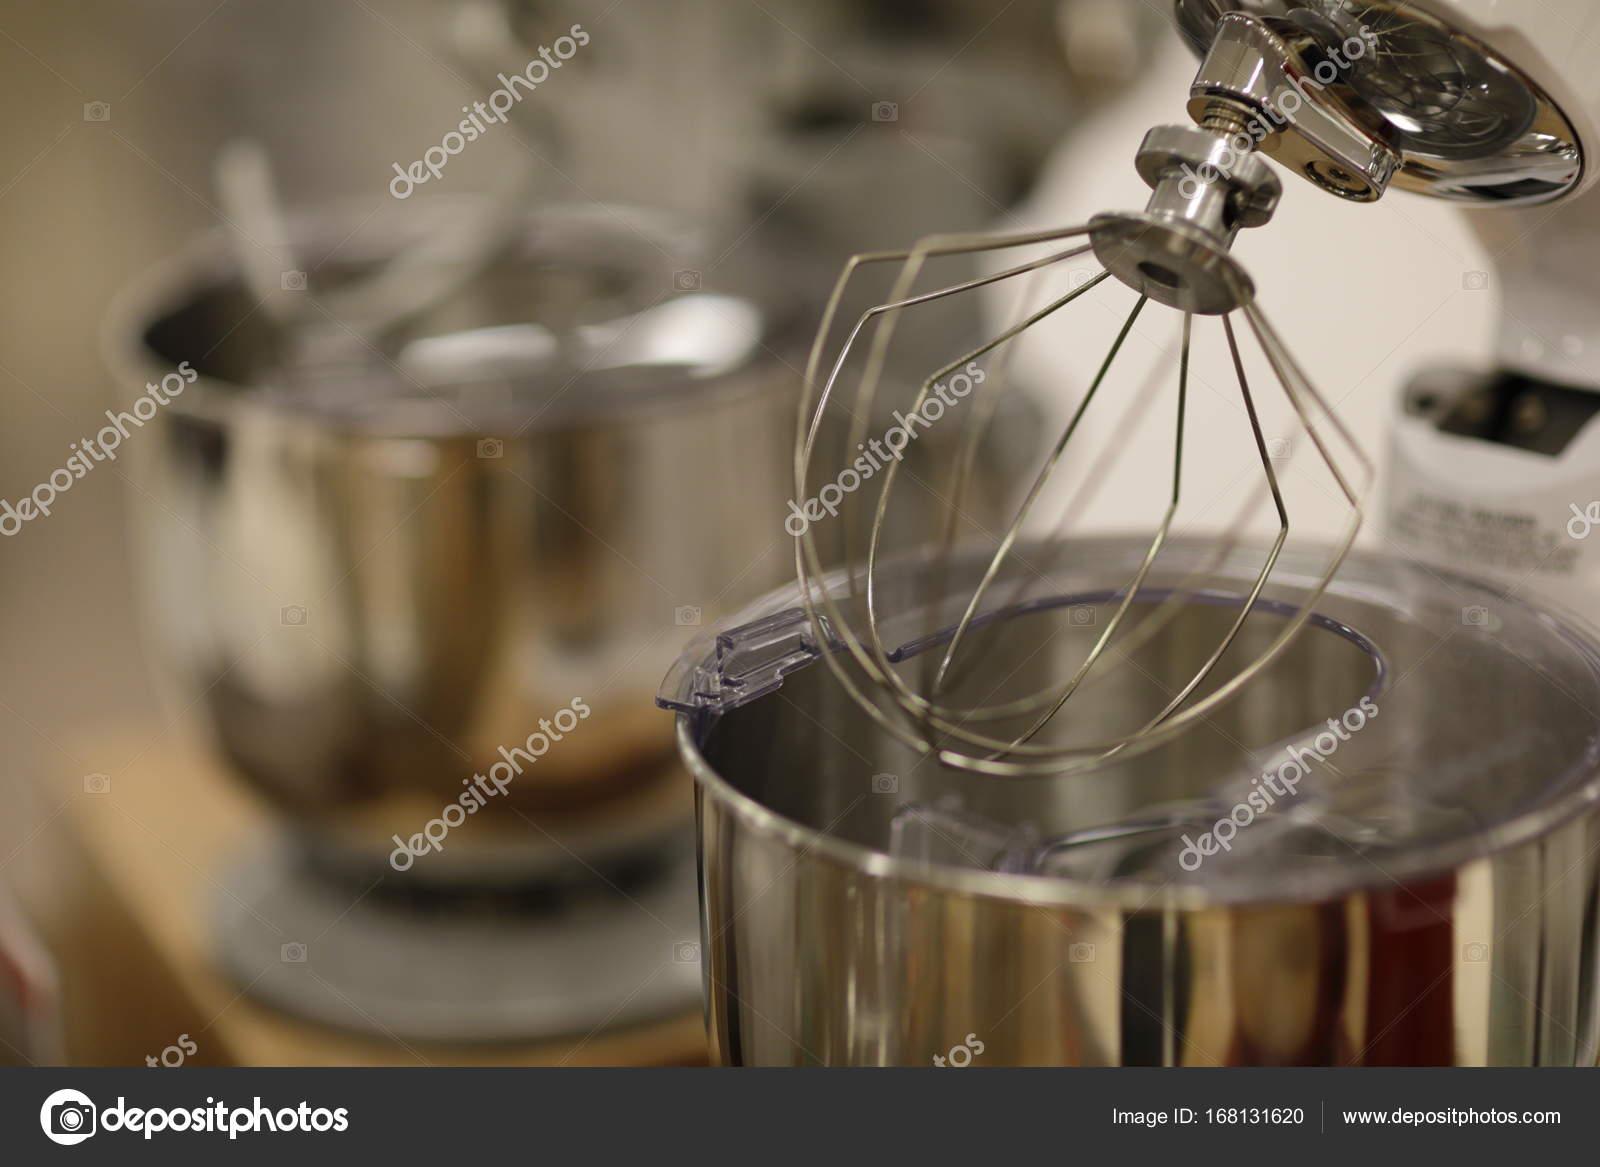 Mezcladora de cocina comercial — Foto de stock © felixtm #168131620